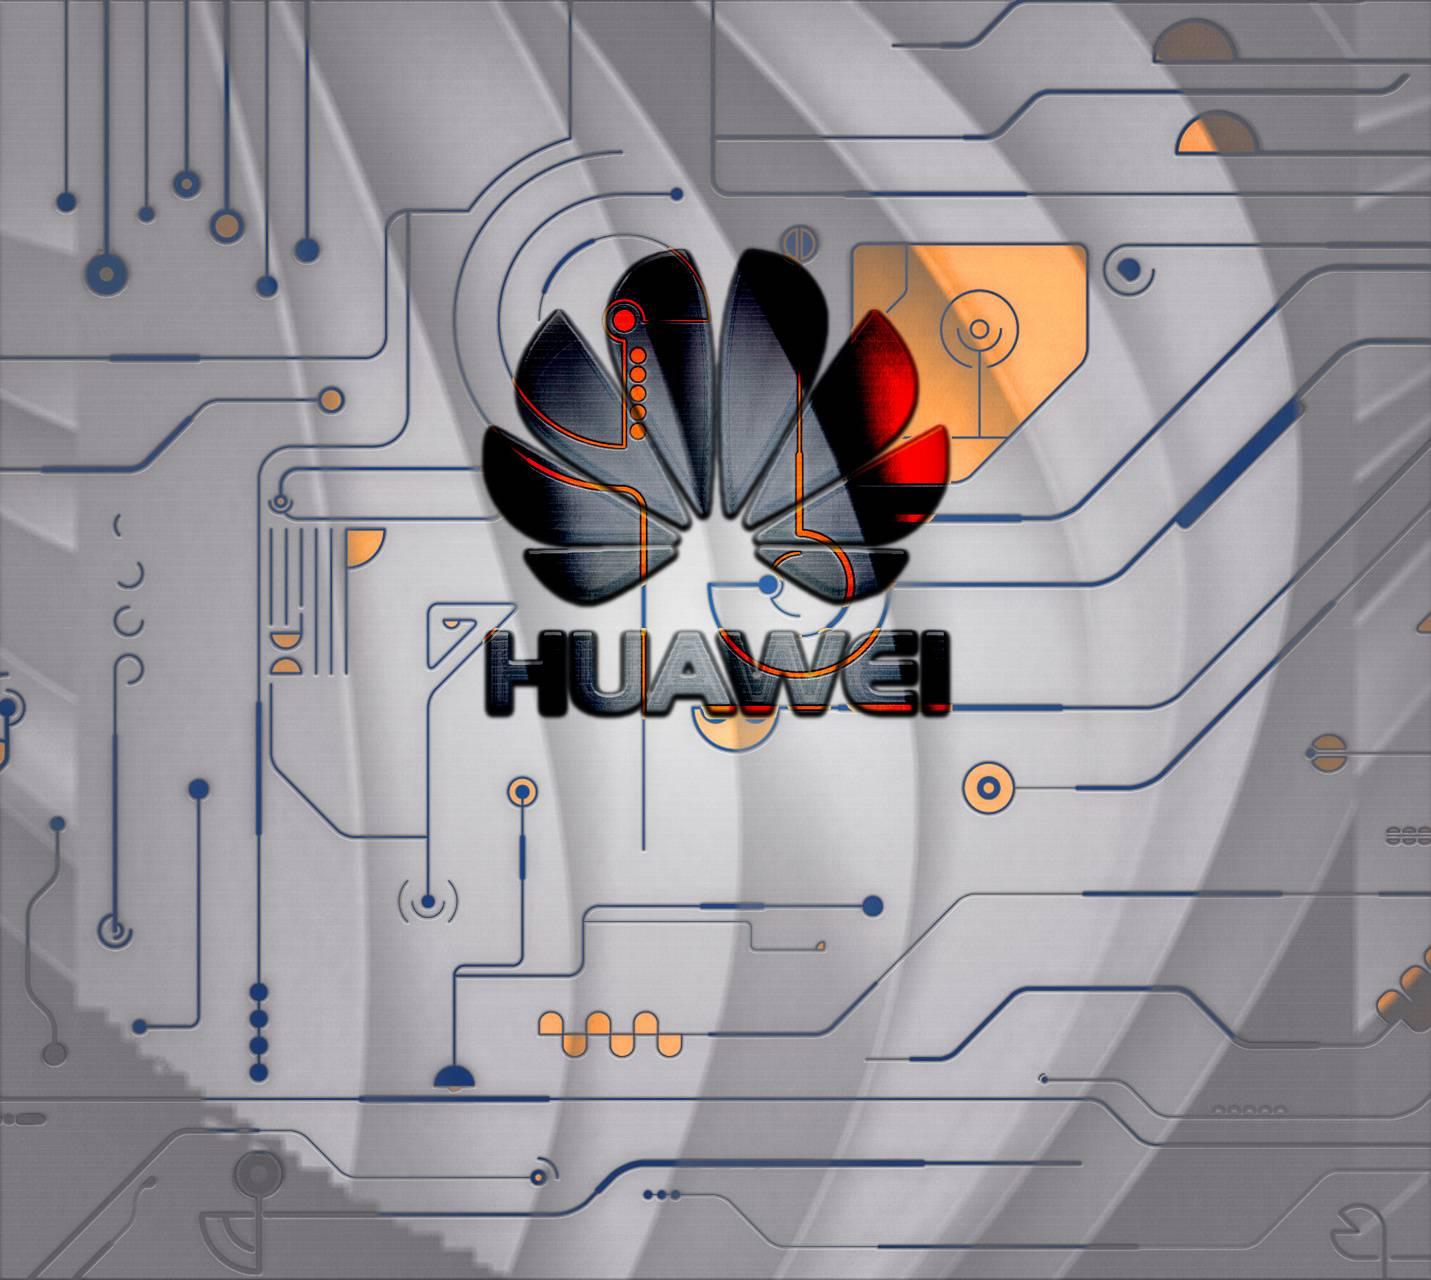 HUAWEI Wallpaper